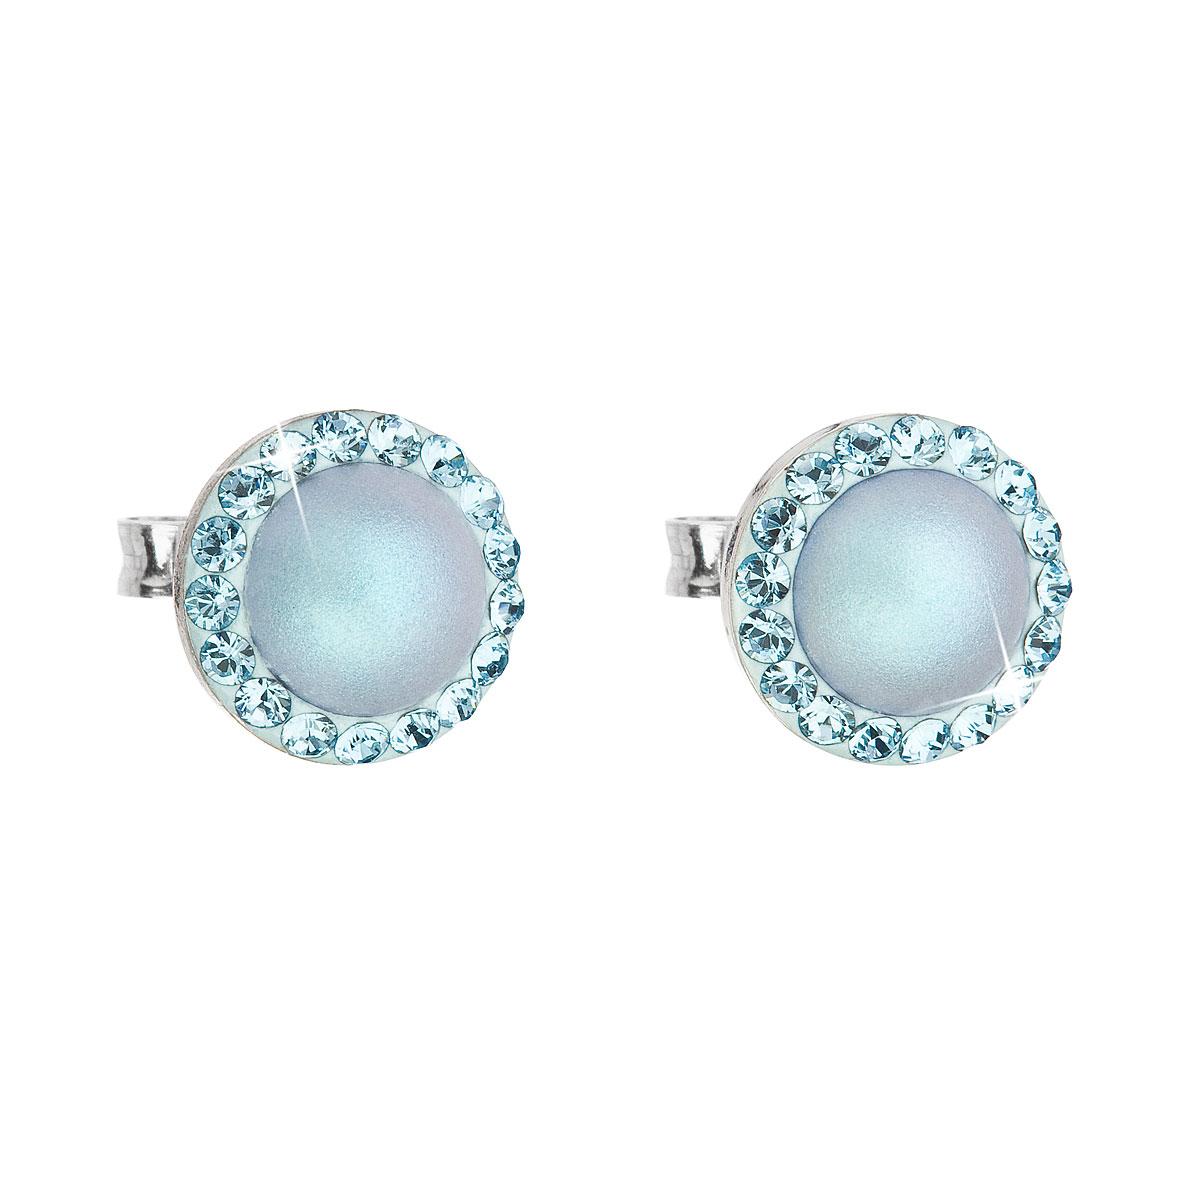 Evolution Group Stříbrné náušnice pecka s krystaly Swarovski a světlemodrou matnou perlou kulaté 31214.3